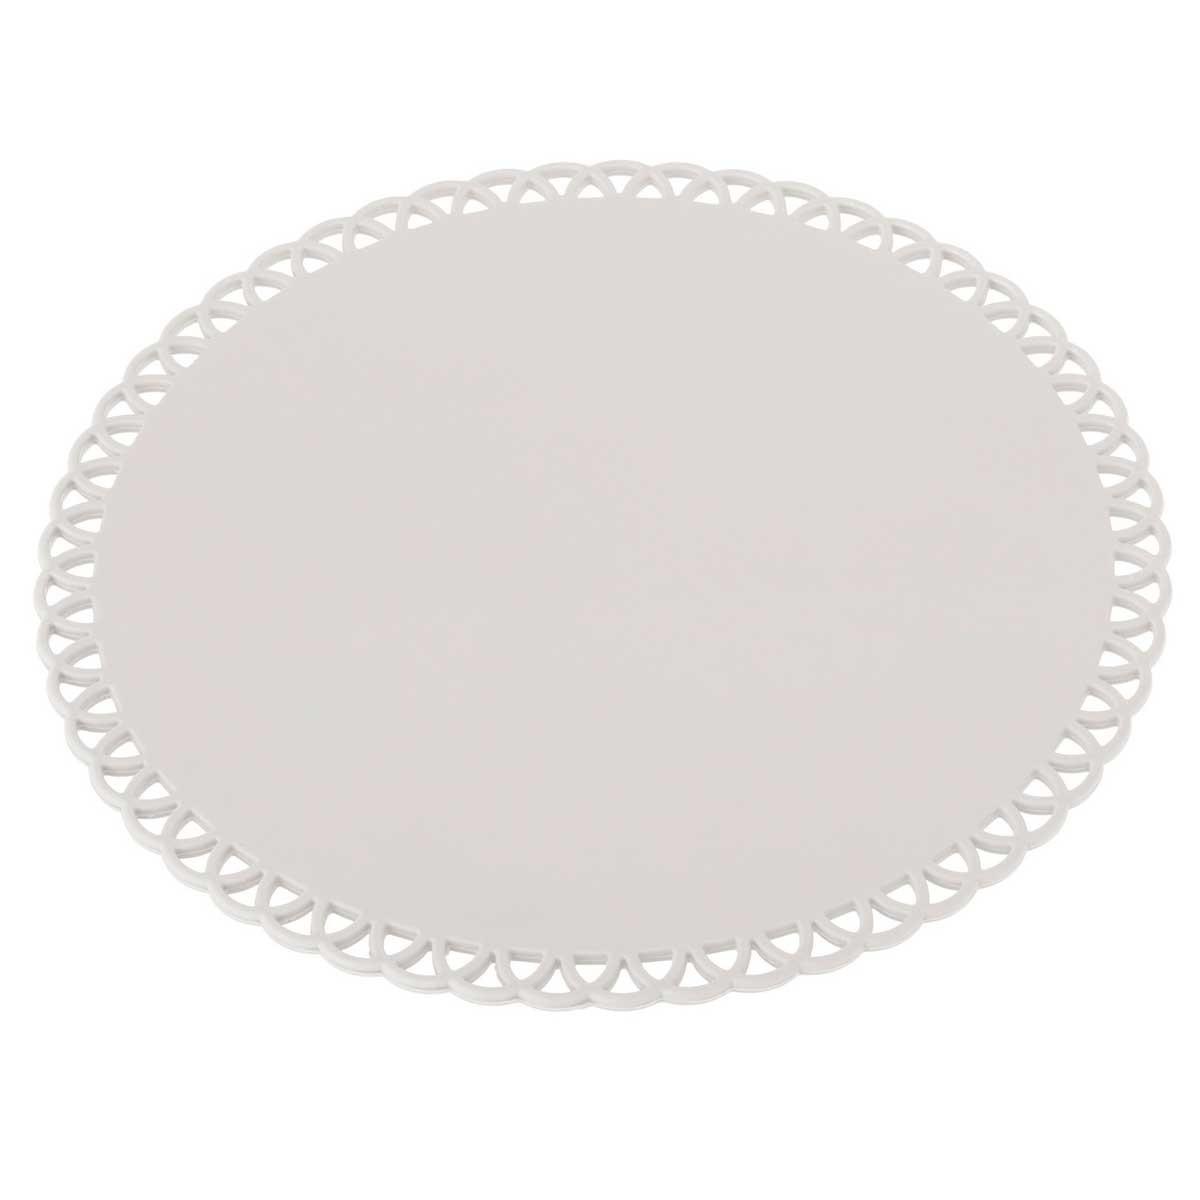 Σουπλά Marva Maid Grey 8527